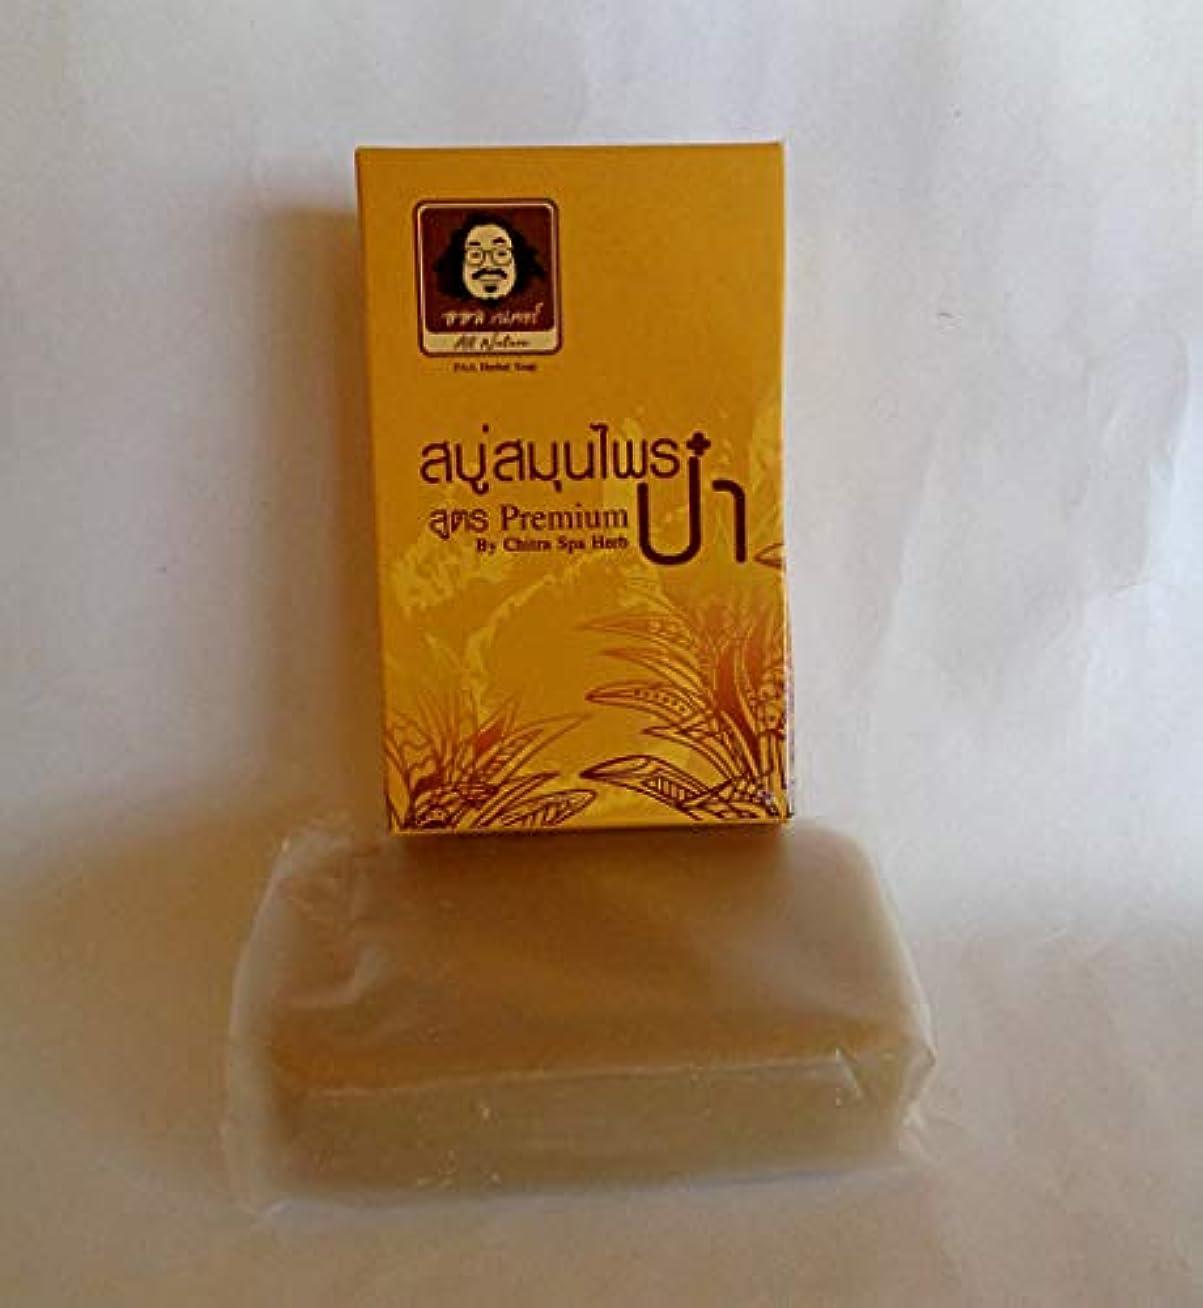 加入ブルジョン不健全Paa Herbal soap all nature chemical free Premium Fomula ハーバルソープオールケミカルフリープレミアムフォーミュラ 100 g.